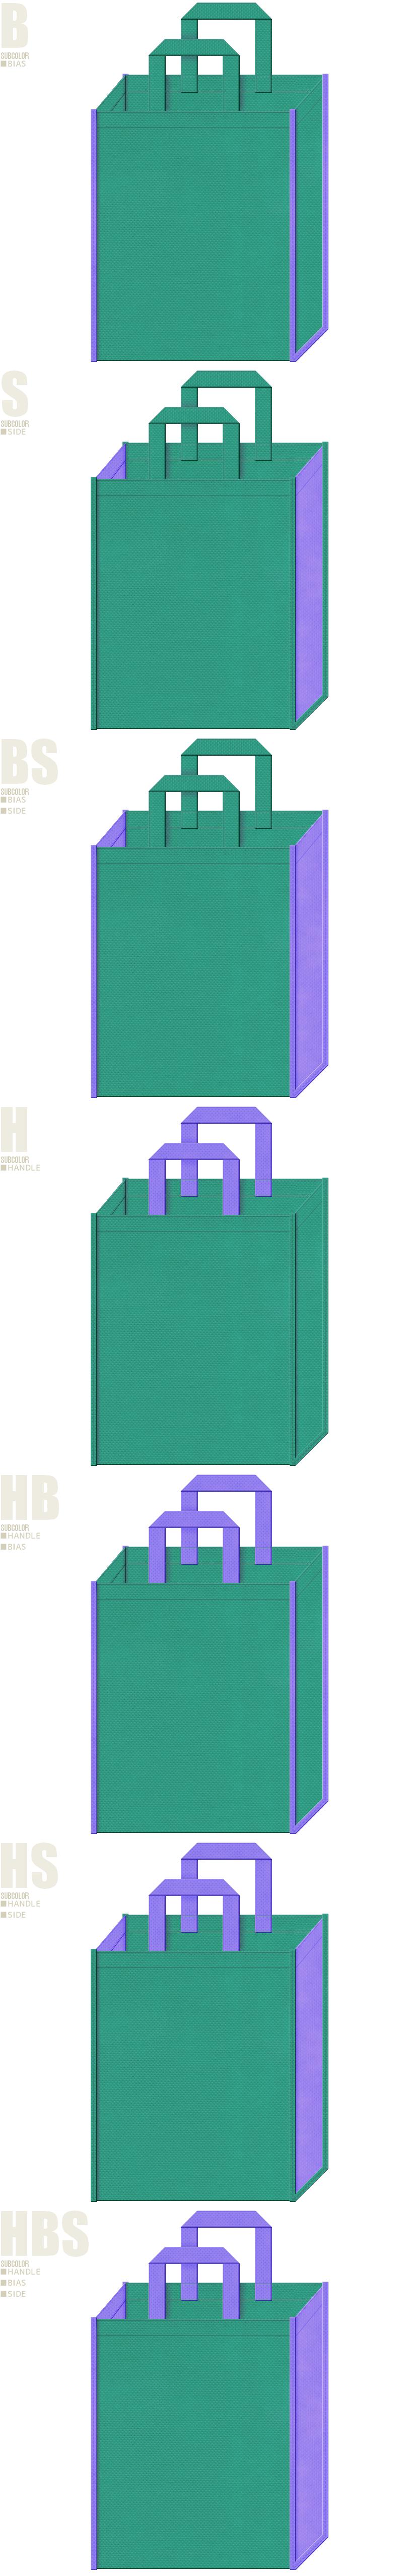 青緑色と明るめの紫色、7パターンの不織布トートバッグ配色デザイン例。